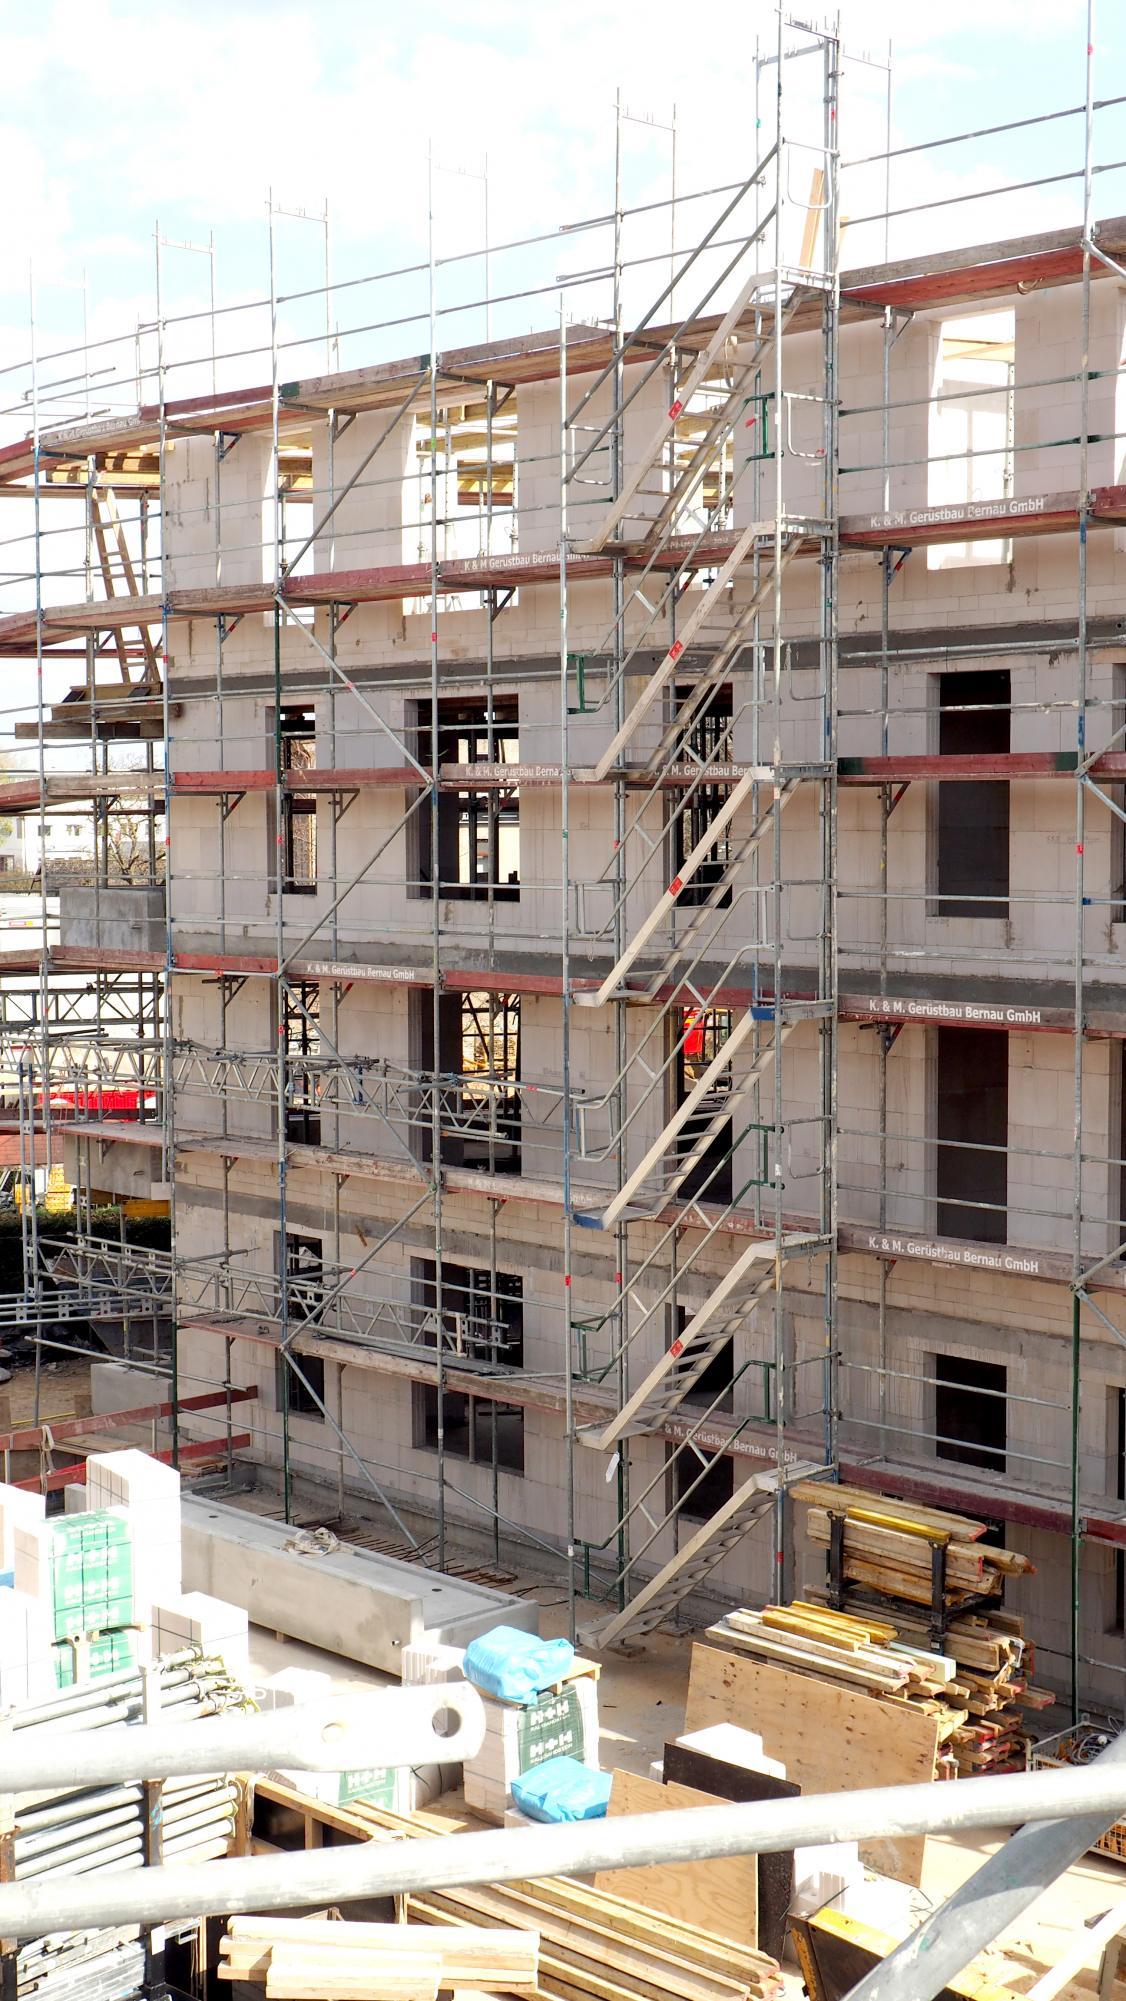 apartmentanlage albert schweitzer baustelle Fassade